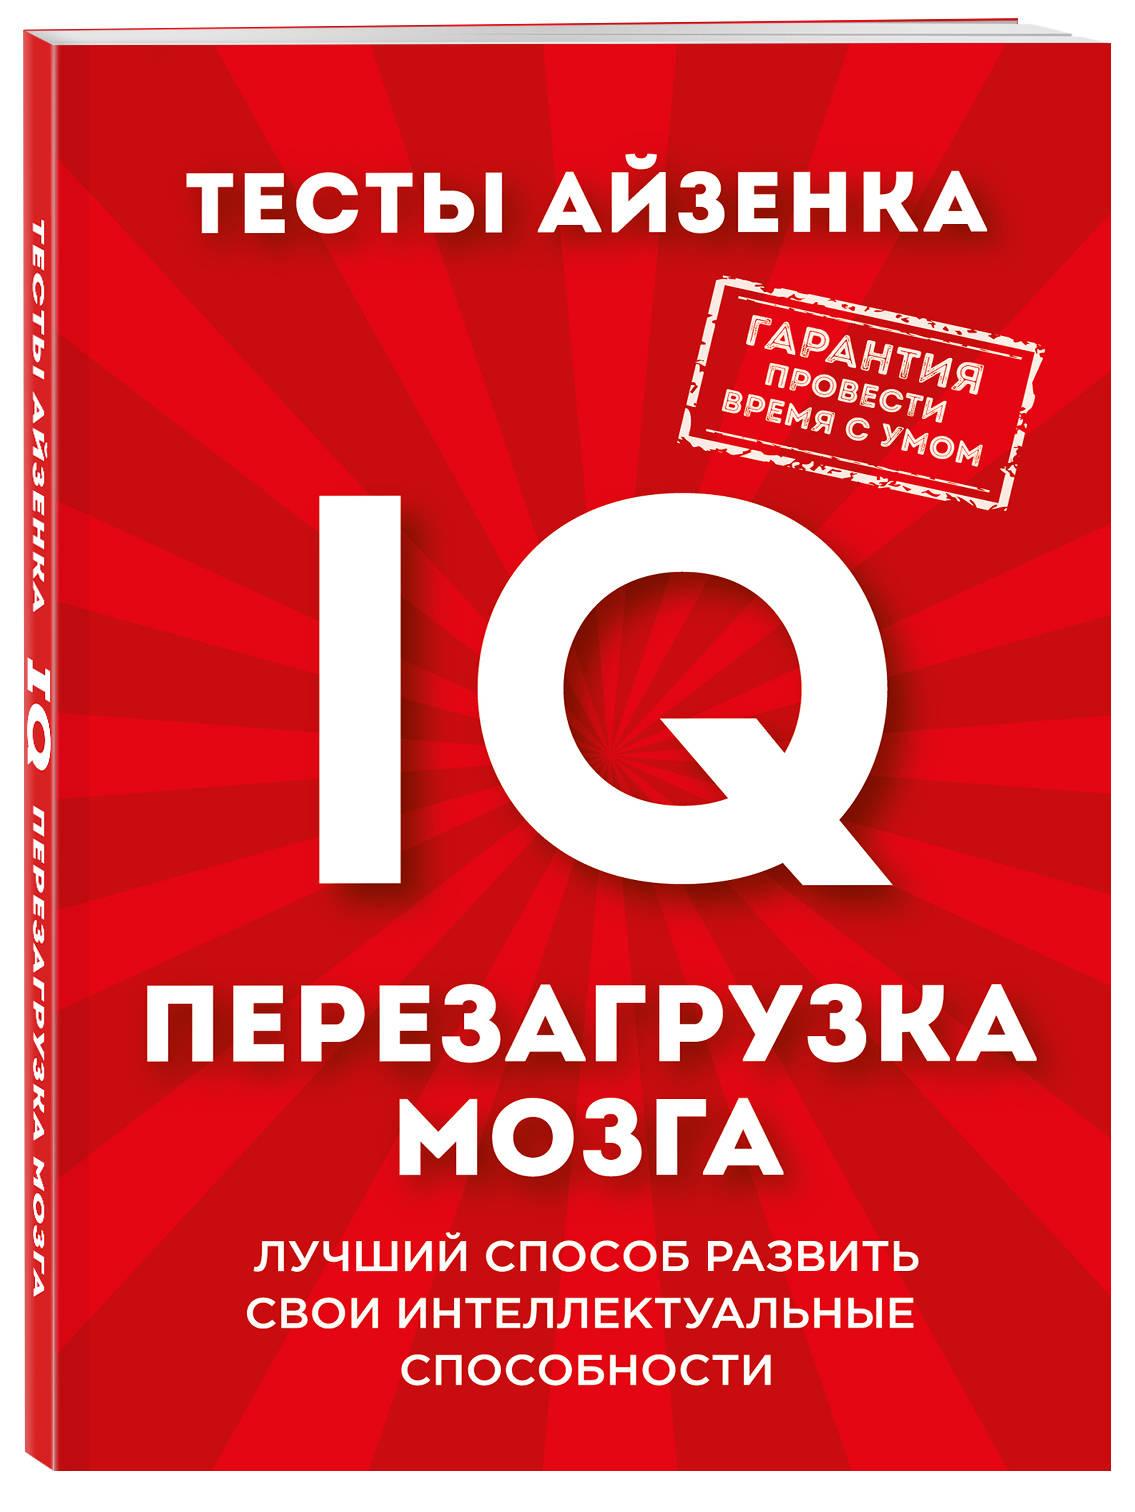 Тесты Айзенка. IQ. Перезагрузка мозга. Лучший способ развить свои интеллектуальные способности.